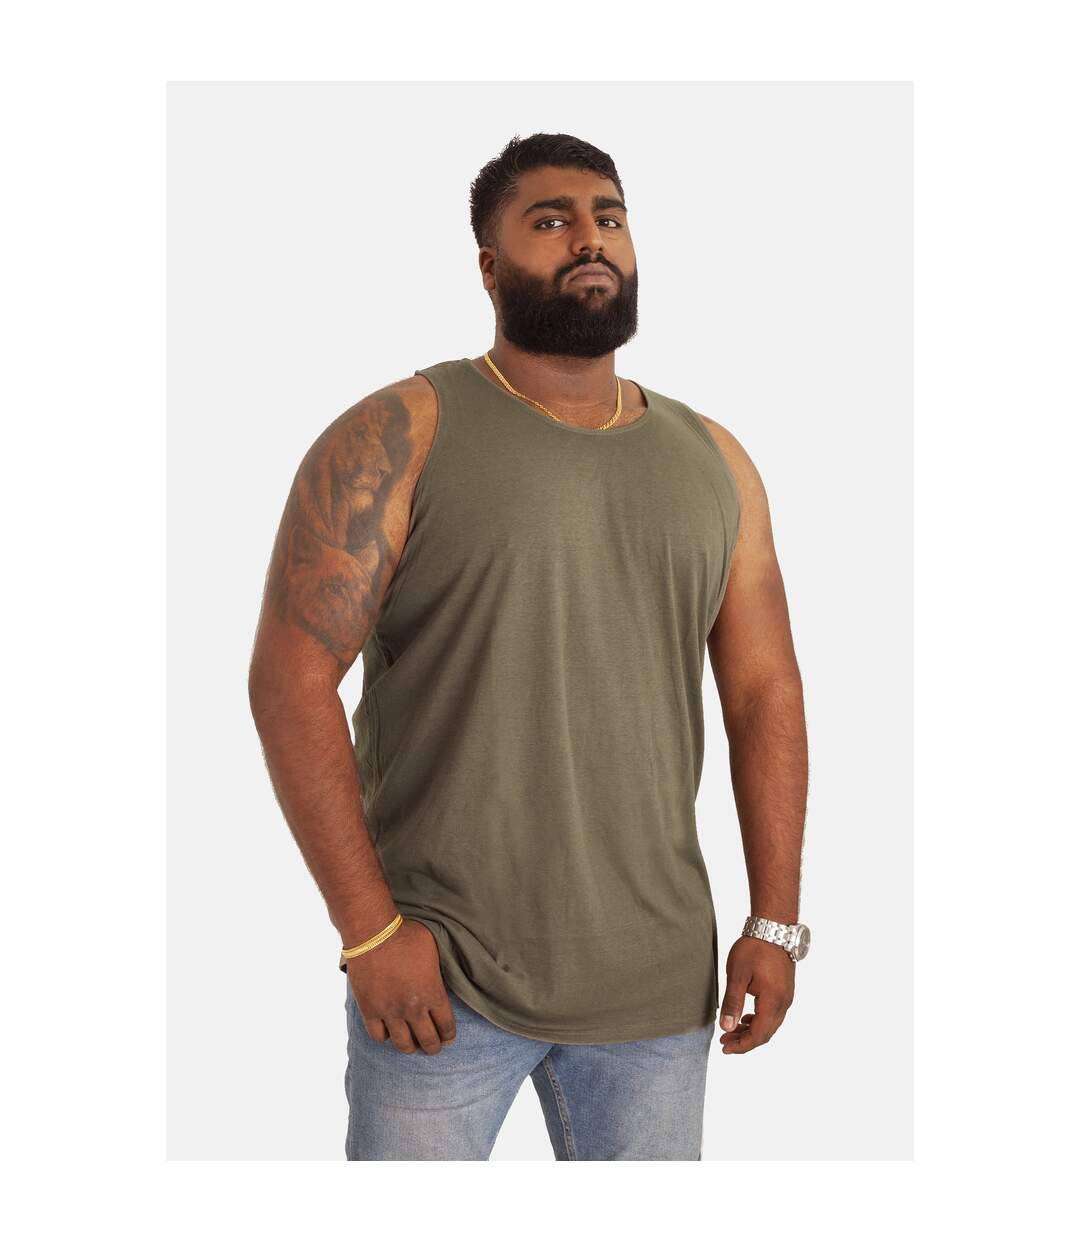 Duke Mens Fabio-2 Kingsize Muscle Vest (Khaki) - UTDC172